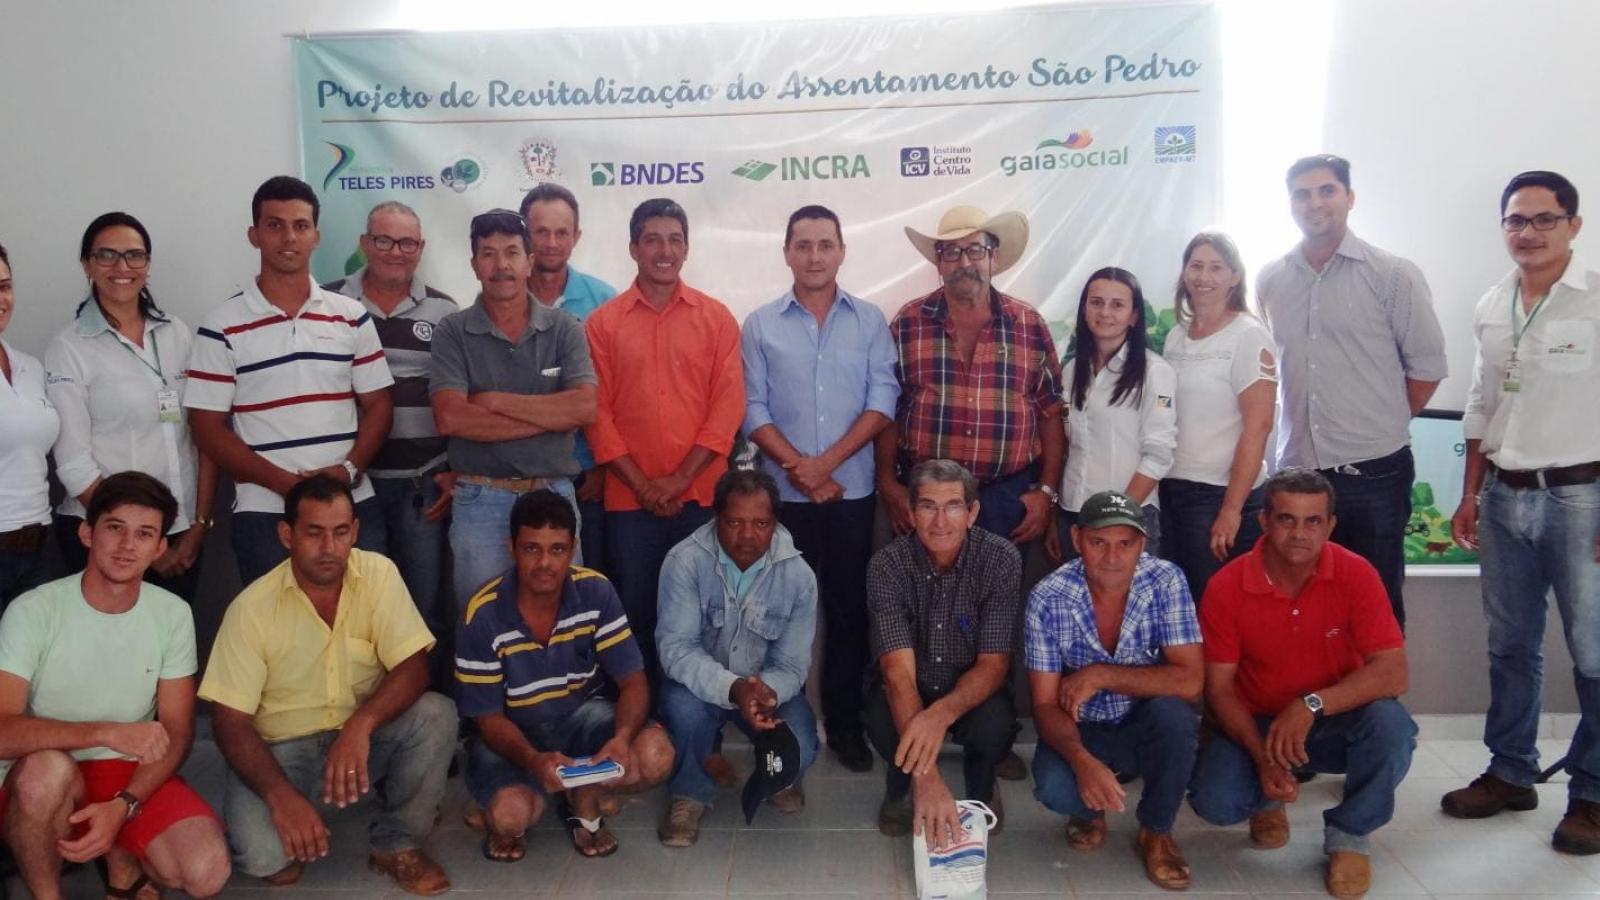 CHTP promove 1ª reunião do Conselho Gestor do Projeto de Revitalização do PA São Pedro